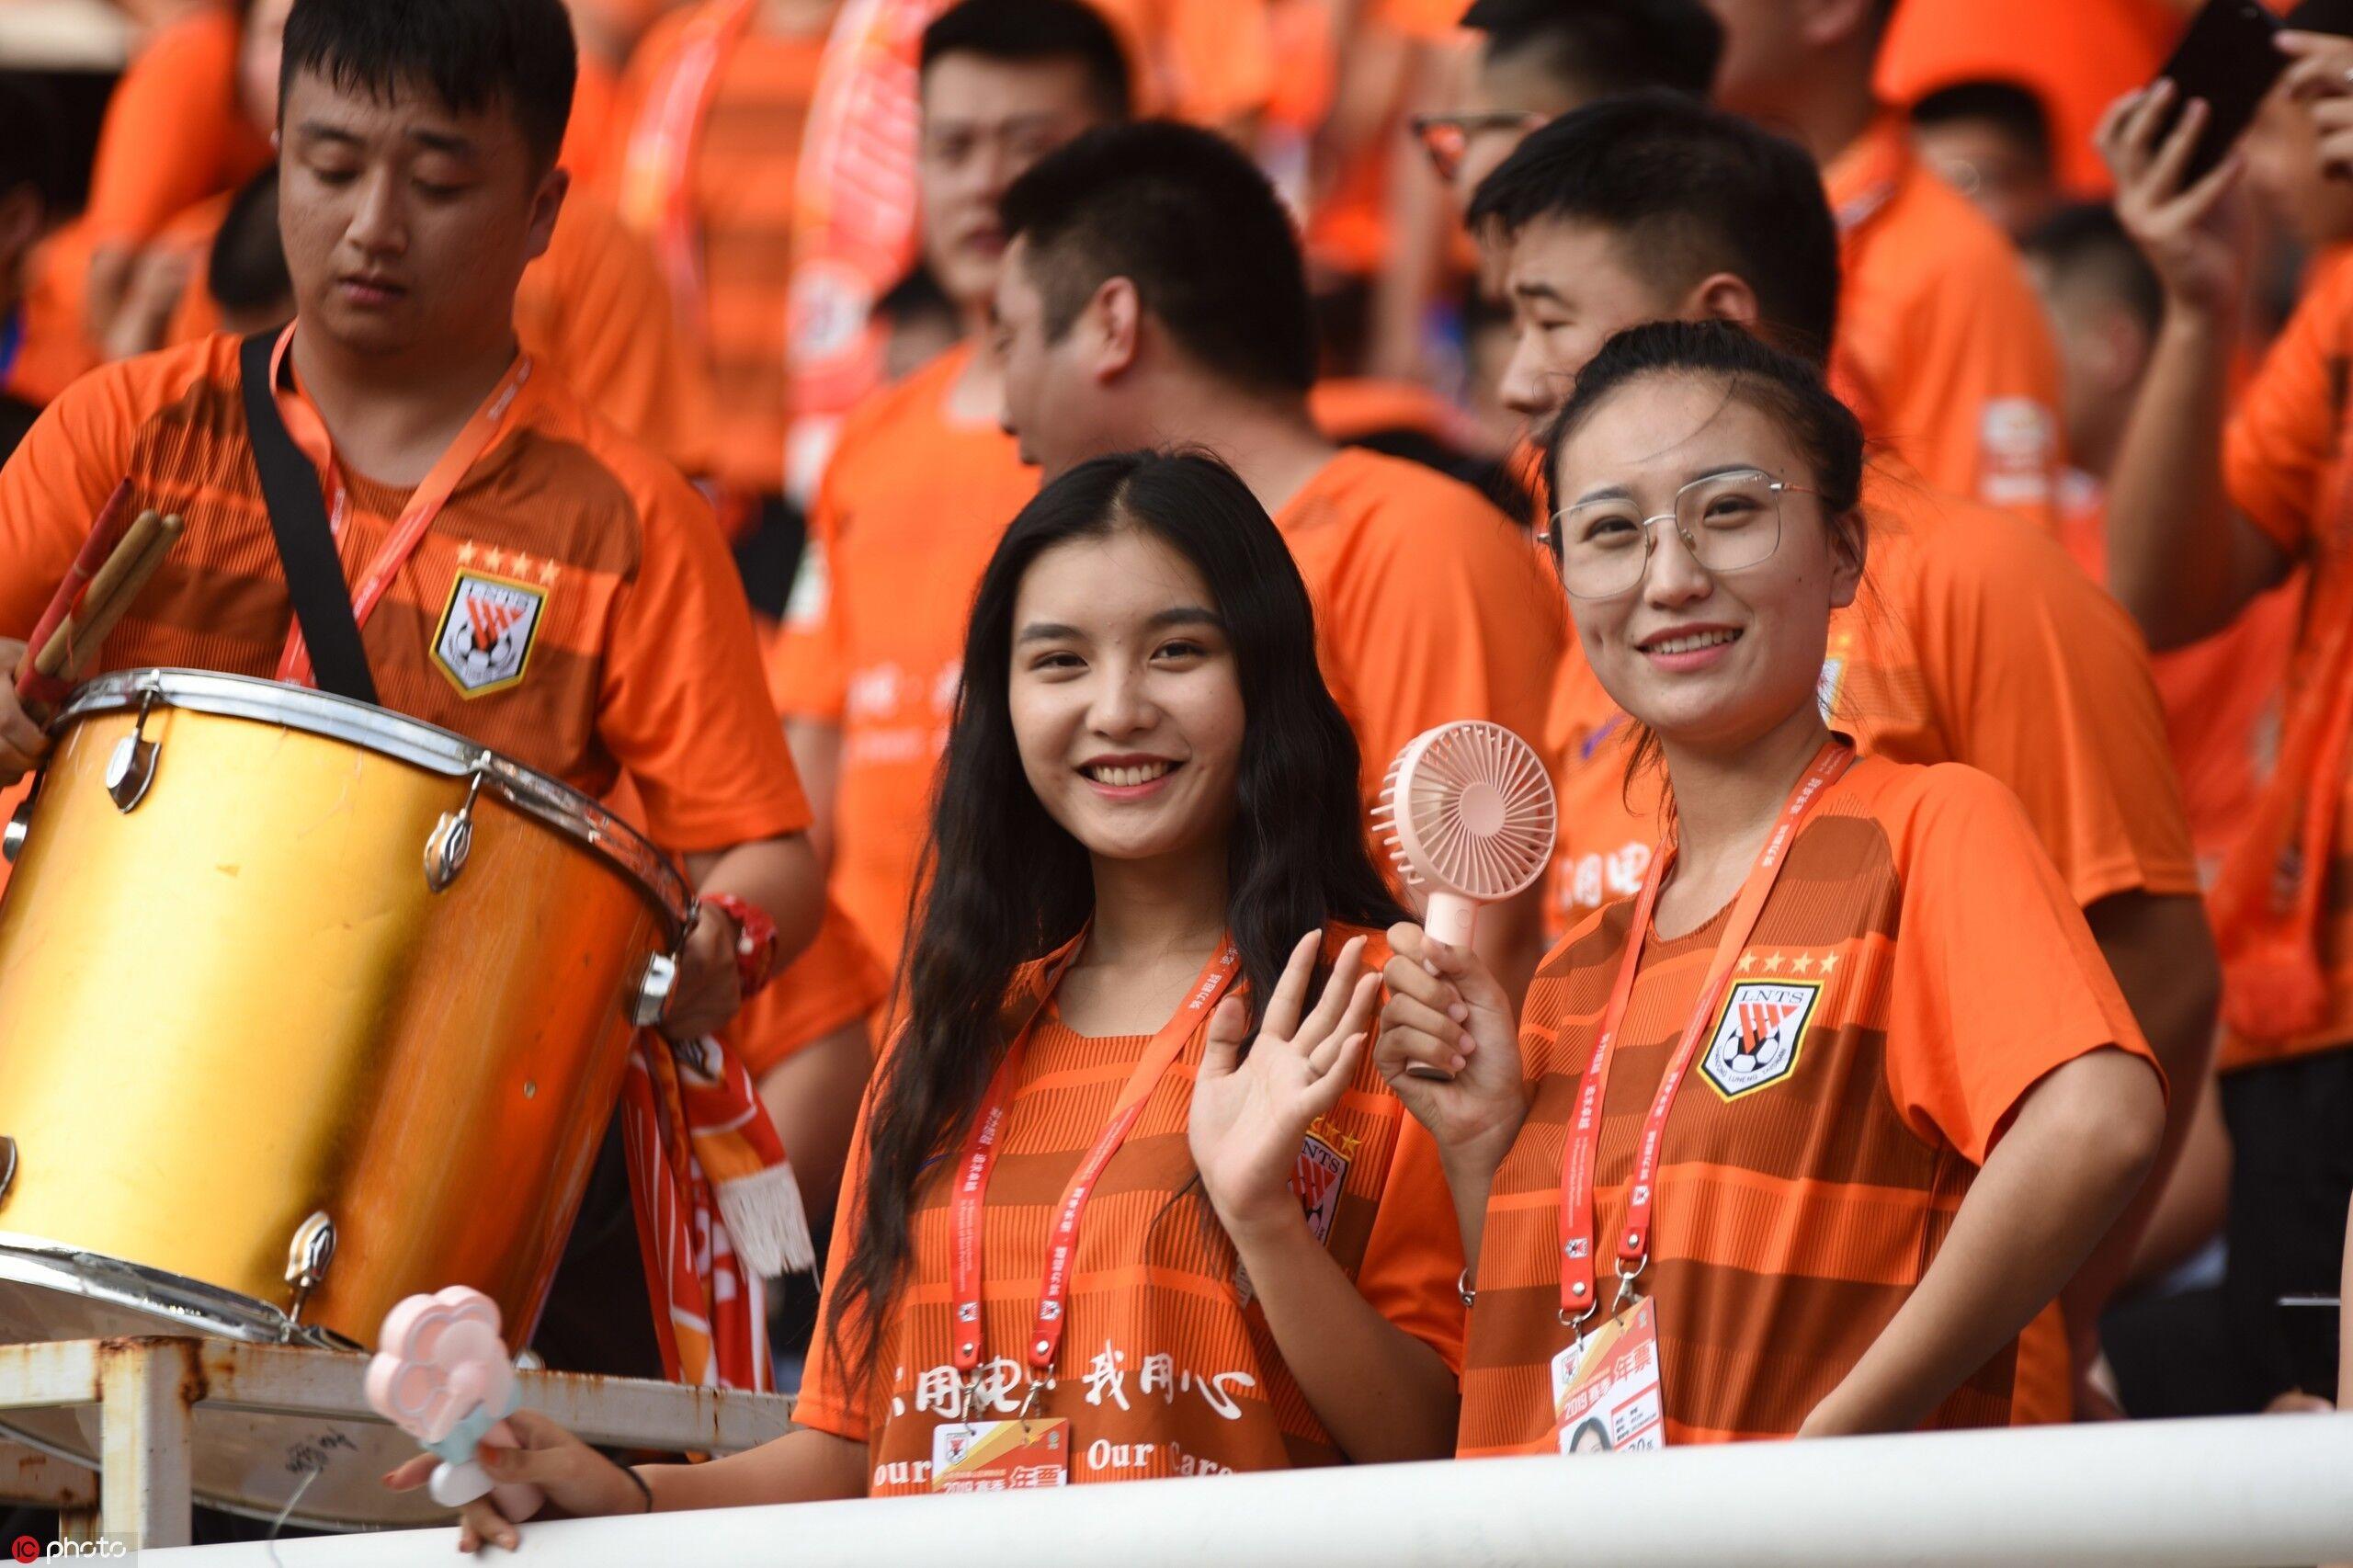 足协杯鲁能vs国安现场观战人数:34926人